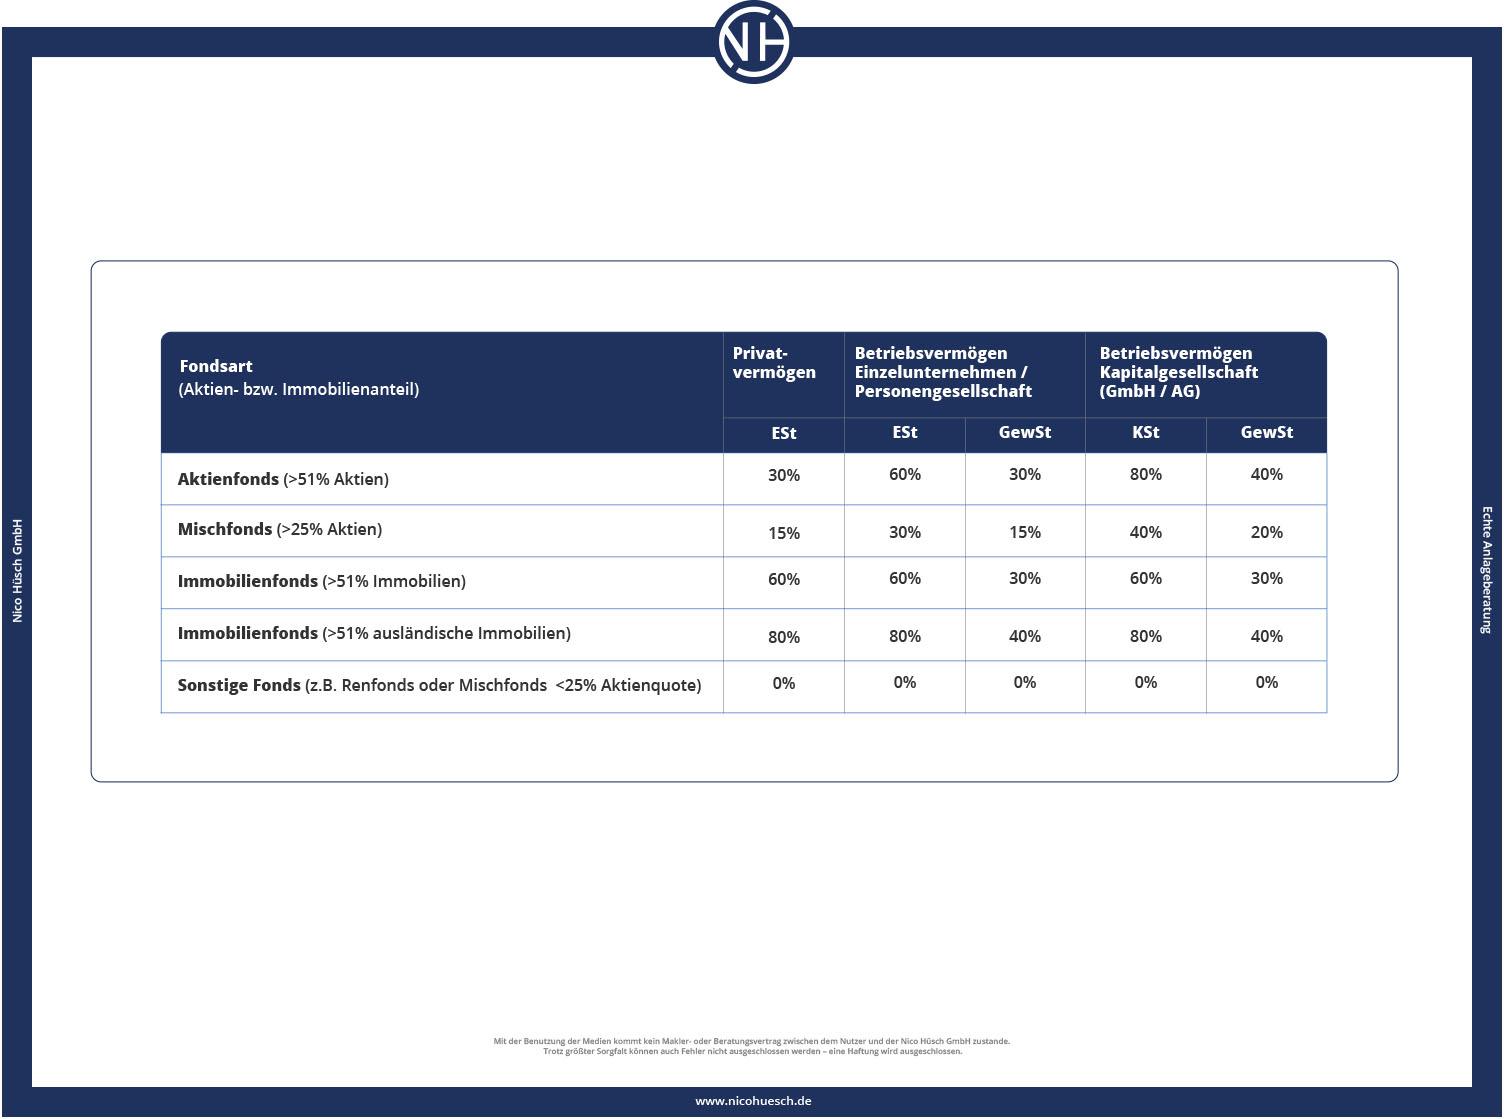 Tabelle 2: Freistellungssätze in Abhängigkeit der Fondsart